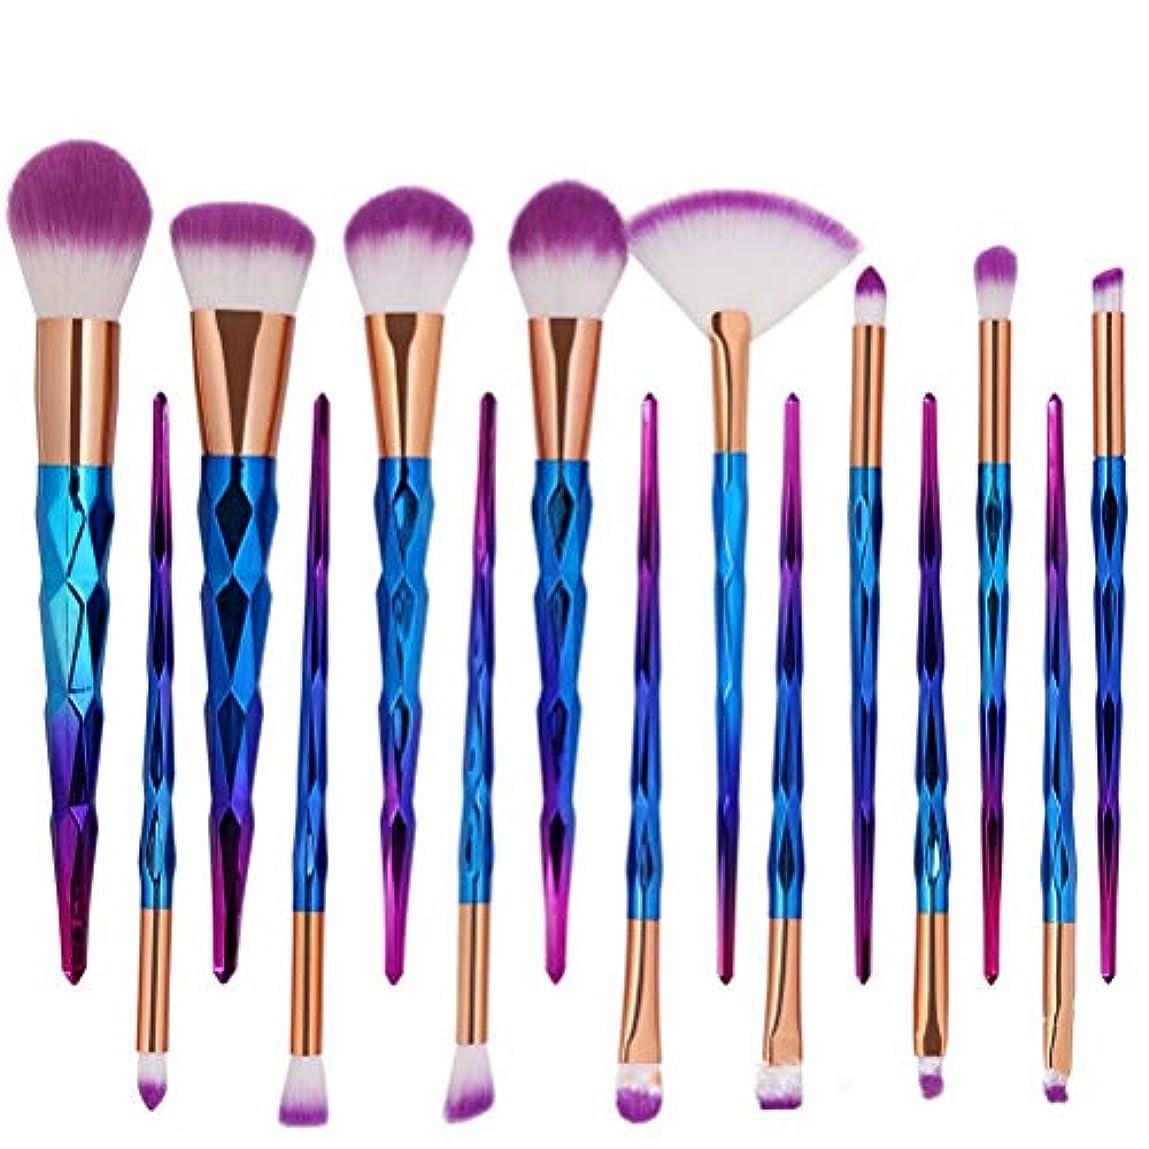 仲介者クラシカル悲観的LSHJP 化粧ブラシ 15個 不規則な 個性的 柔らか 安心 便利 ファッション 自然 ビューティー 高品質 高品質 (Color : Purple, Size : ワンサイズ)